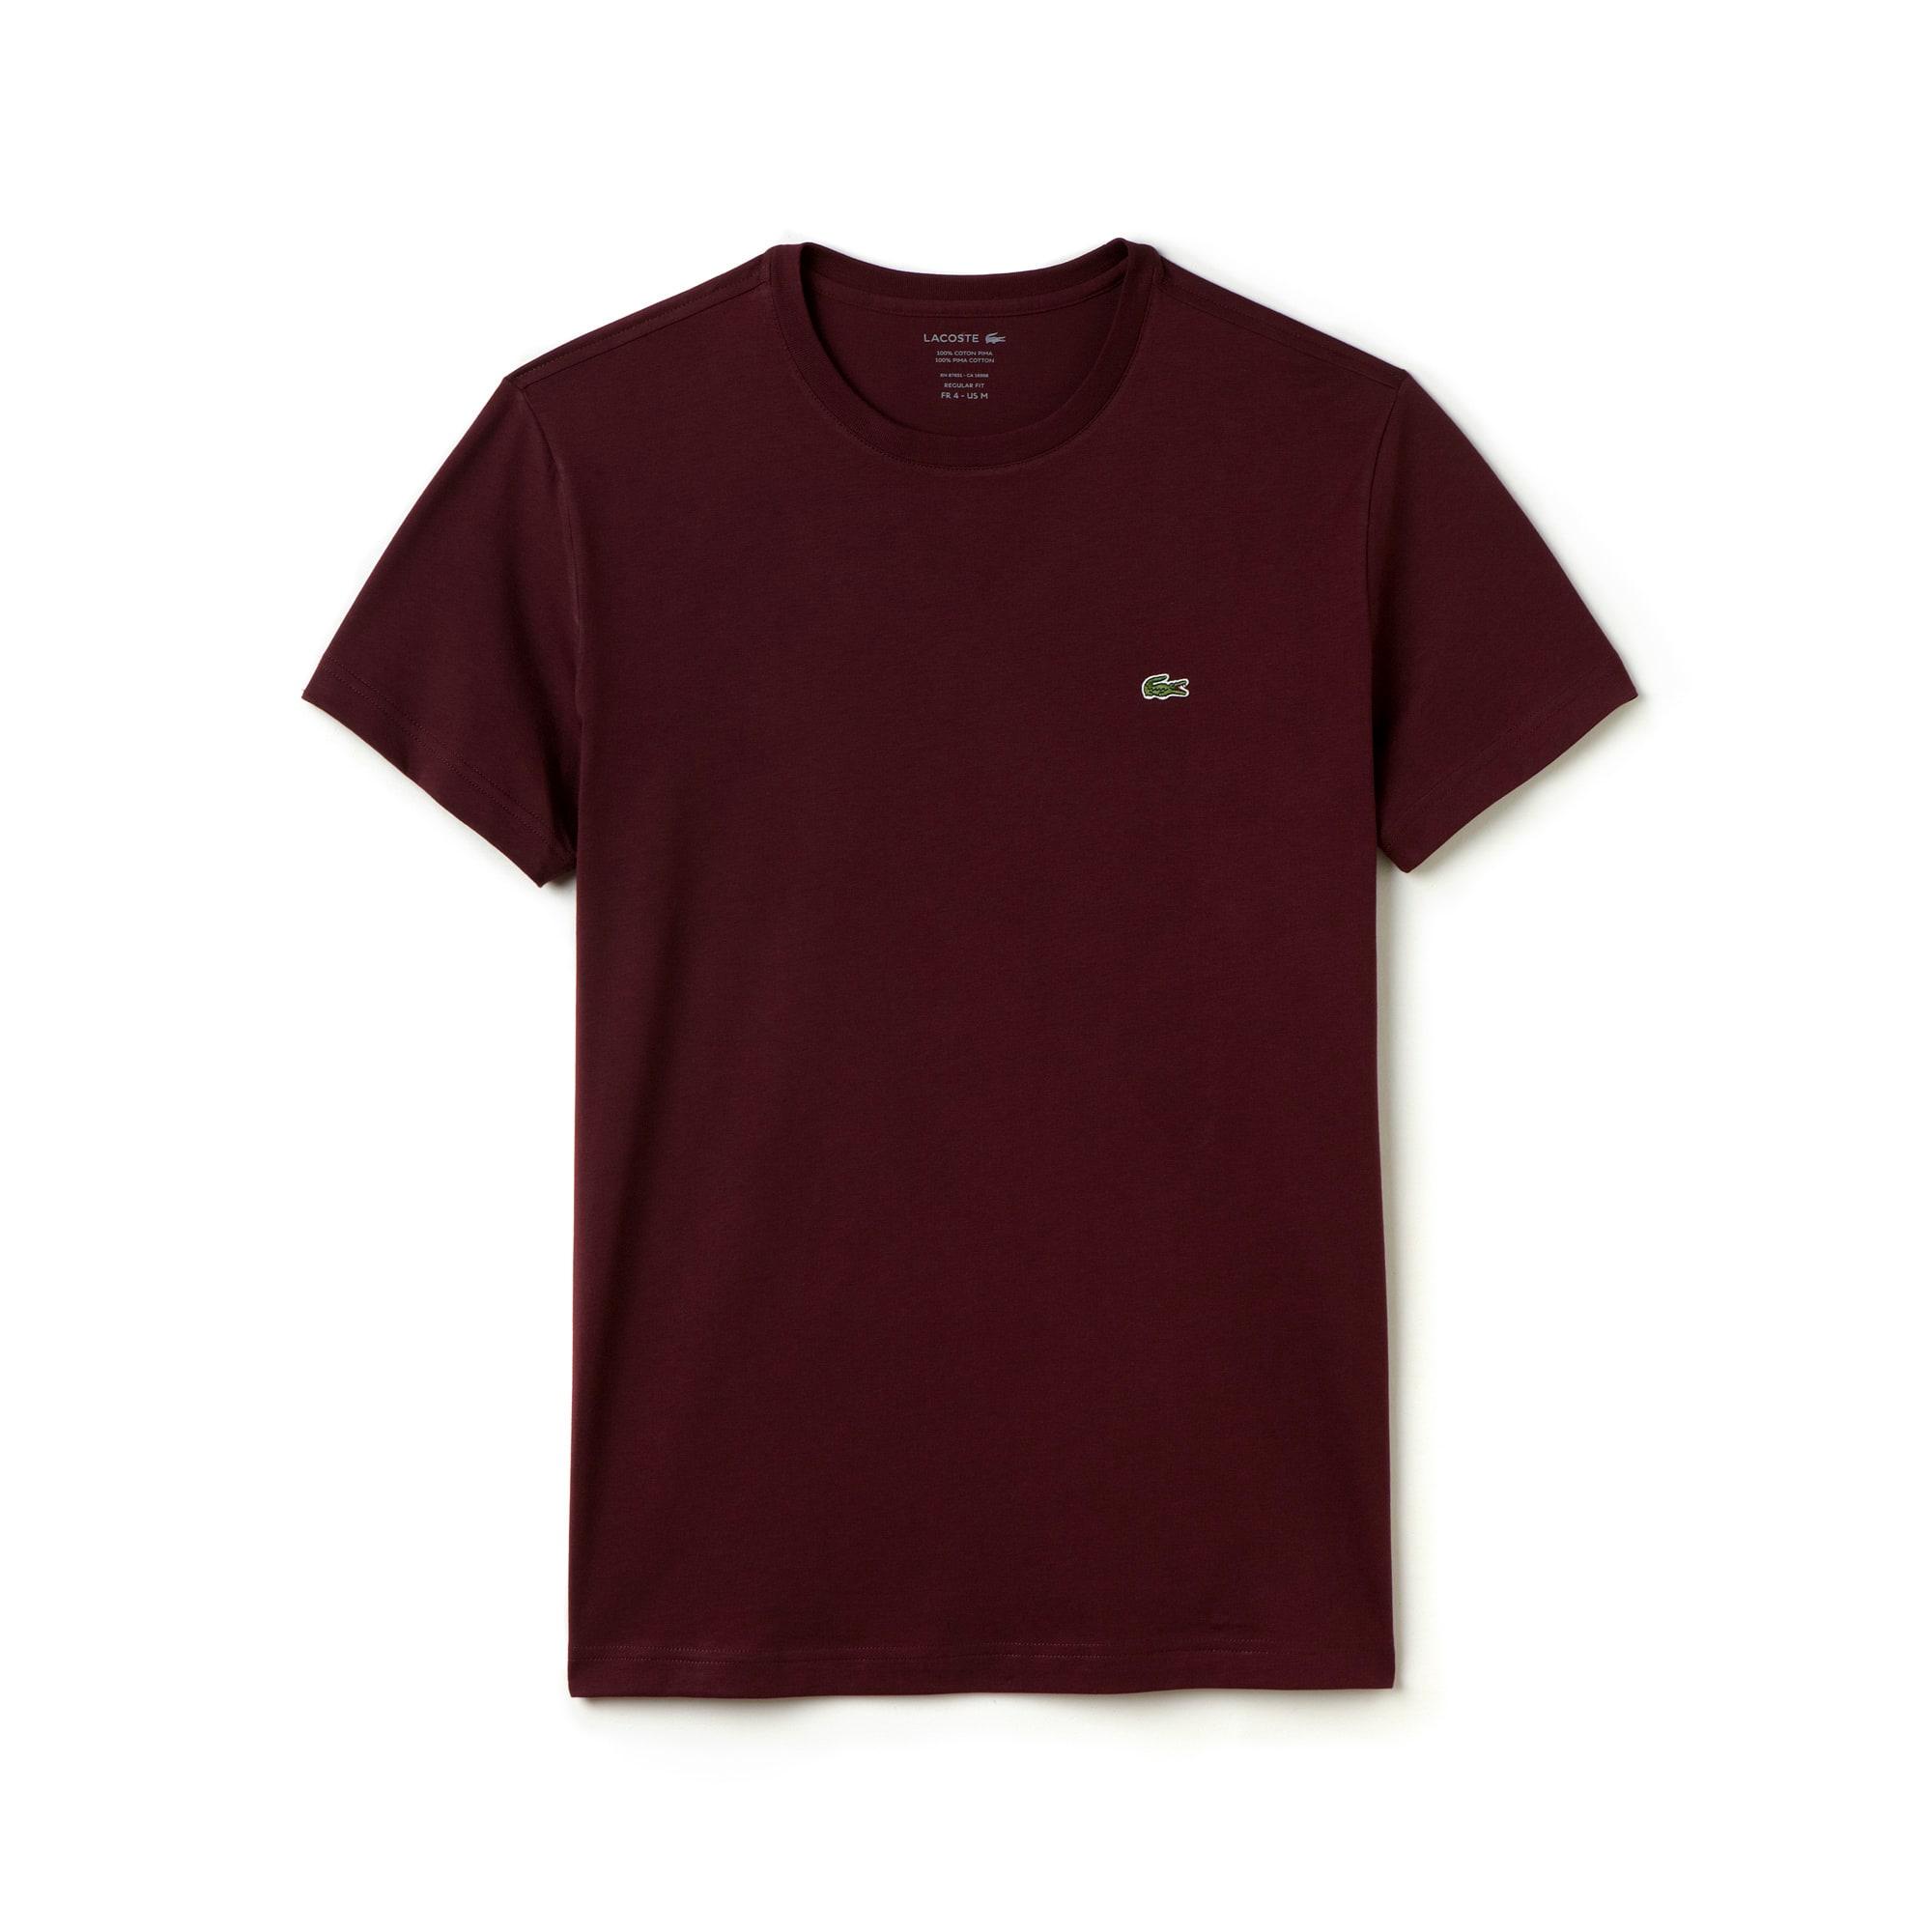 Men's Regular fit crew neck T-shirt in cotton